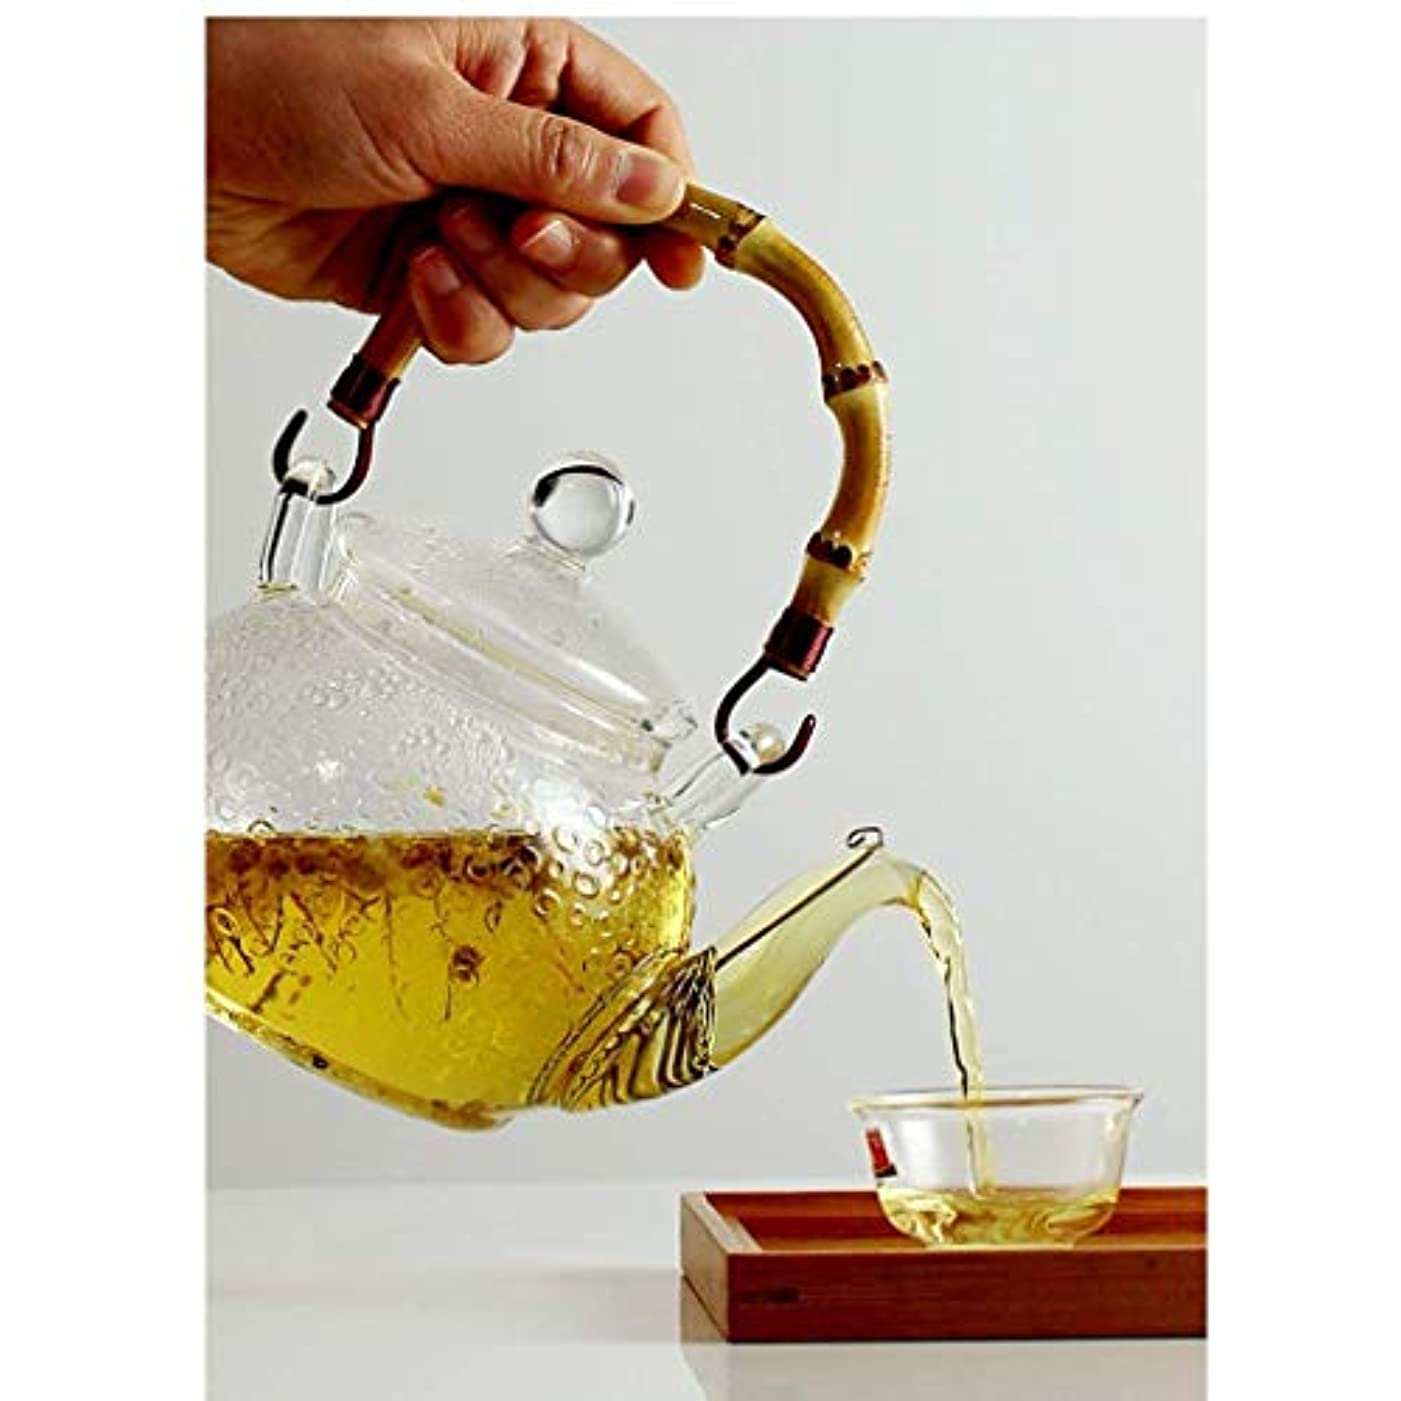 慣習洞察力のあるぜいたくステンレス鋼の注入器及びふたが付いている贅沢なガラスティーポット、ホウケイ酸ガラスの花茶やかんのコンロの金庫、咲く及び緩い葉のティーポット、600 ml